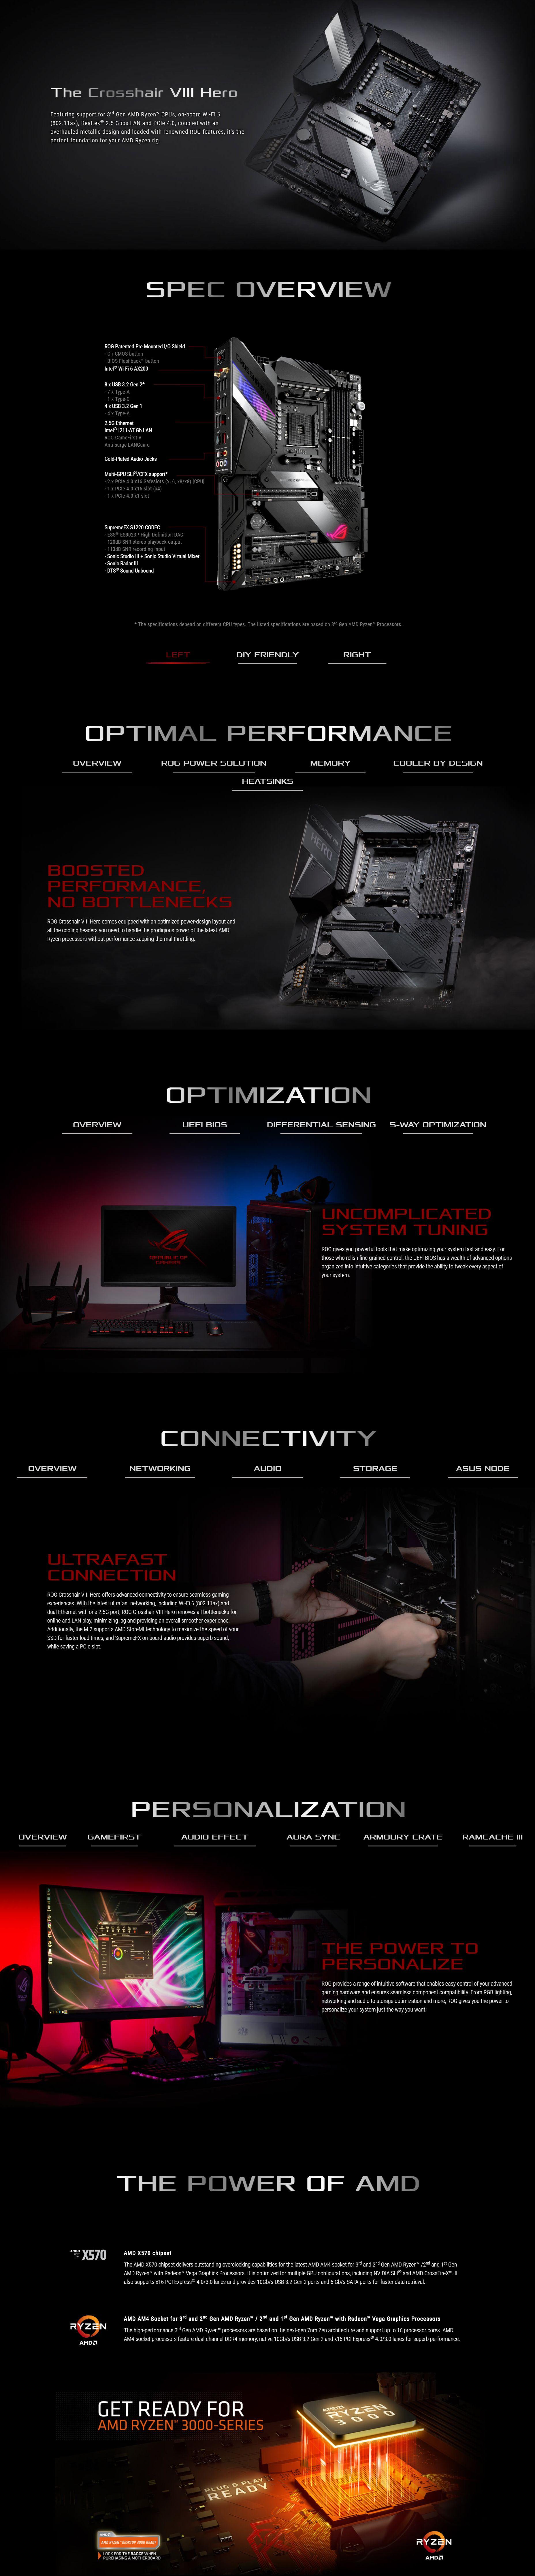 Asus ROG Crosshair VIII Hero WiFi AM4 ATX Motherboard